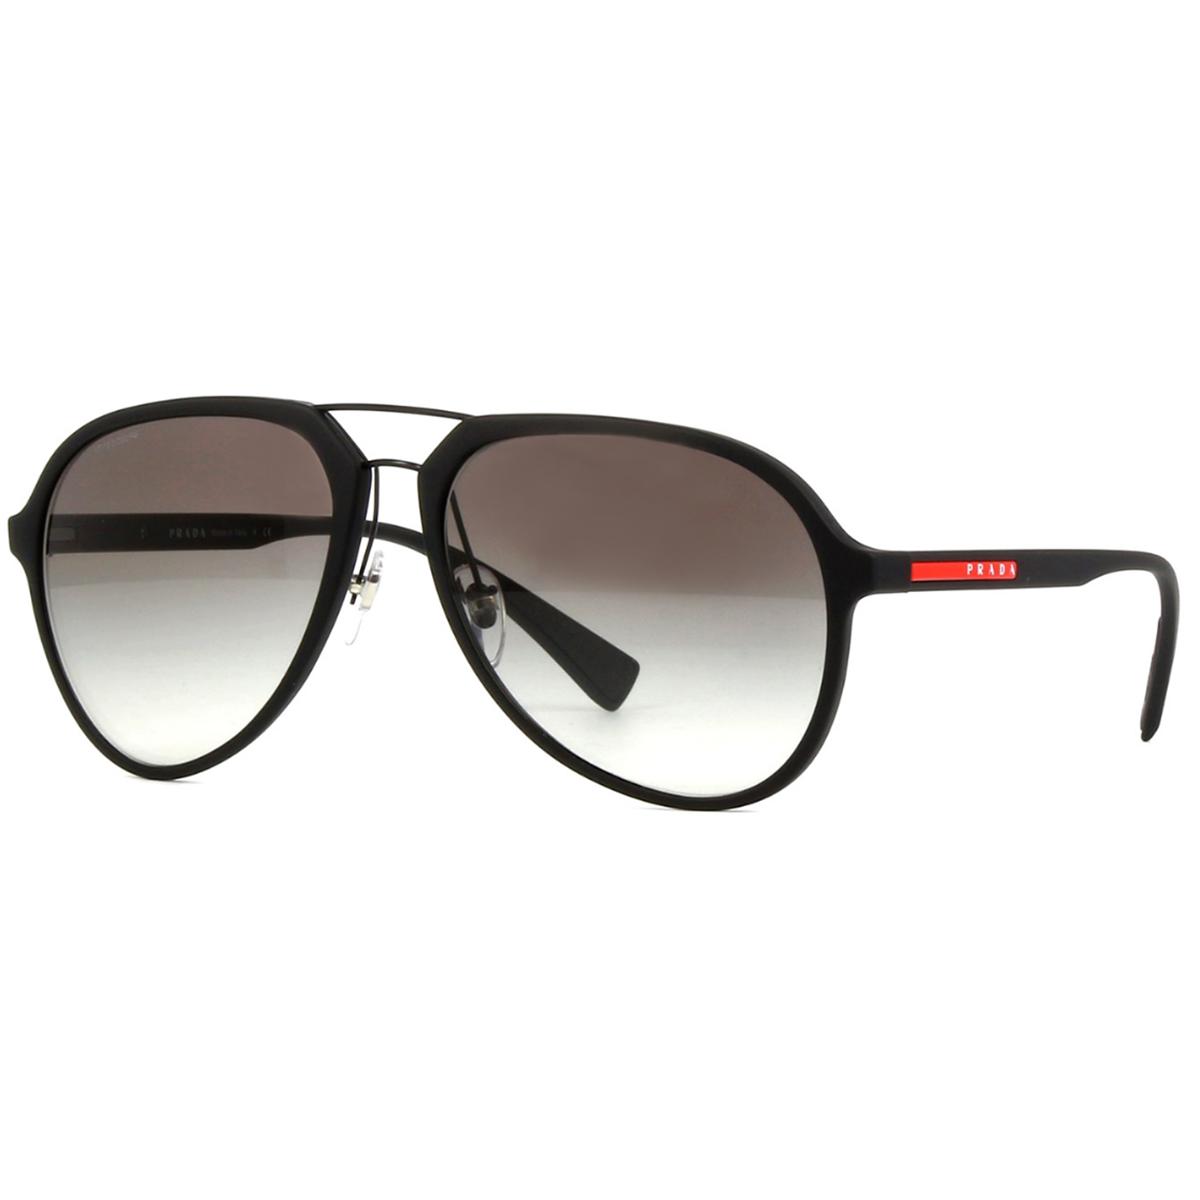 a1d42b5a2231e Compre Óculos de Sol Prada em 10X   Tri-Jóia Shop